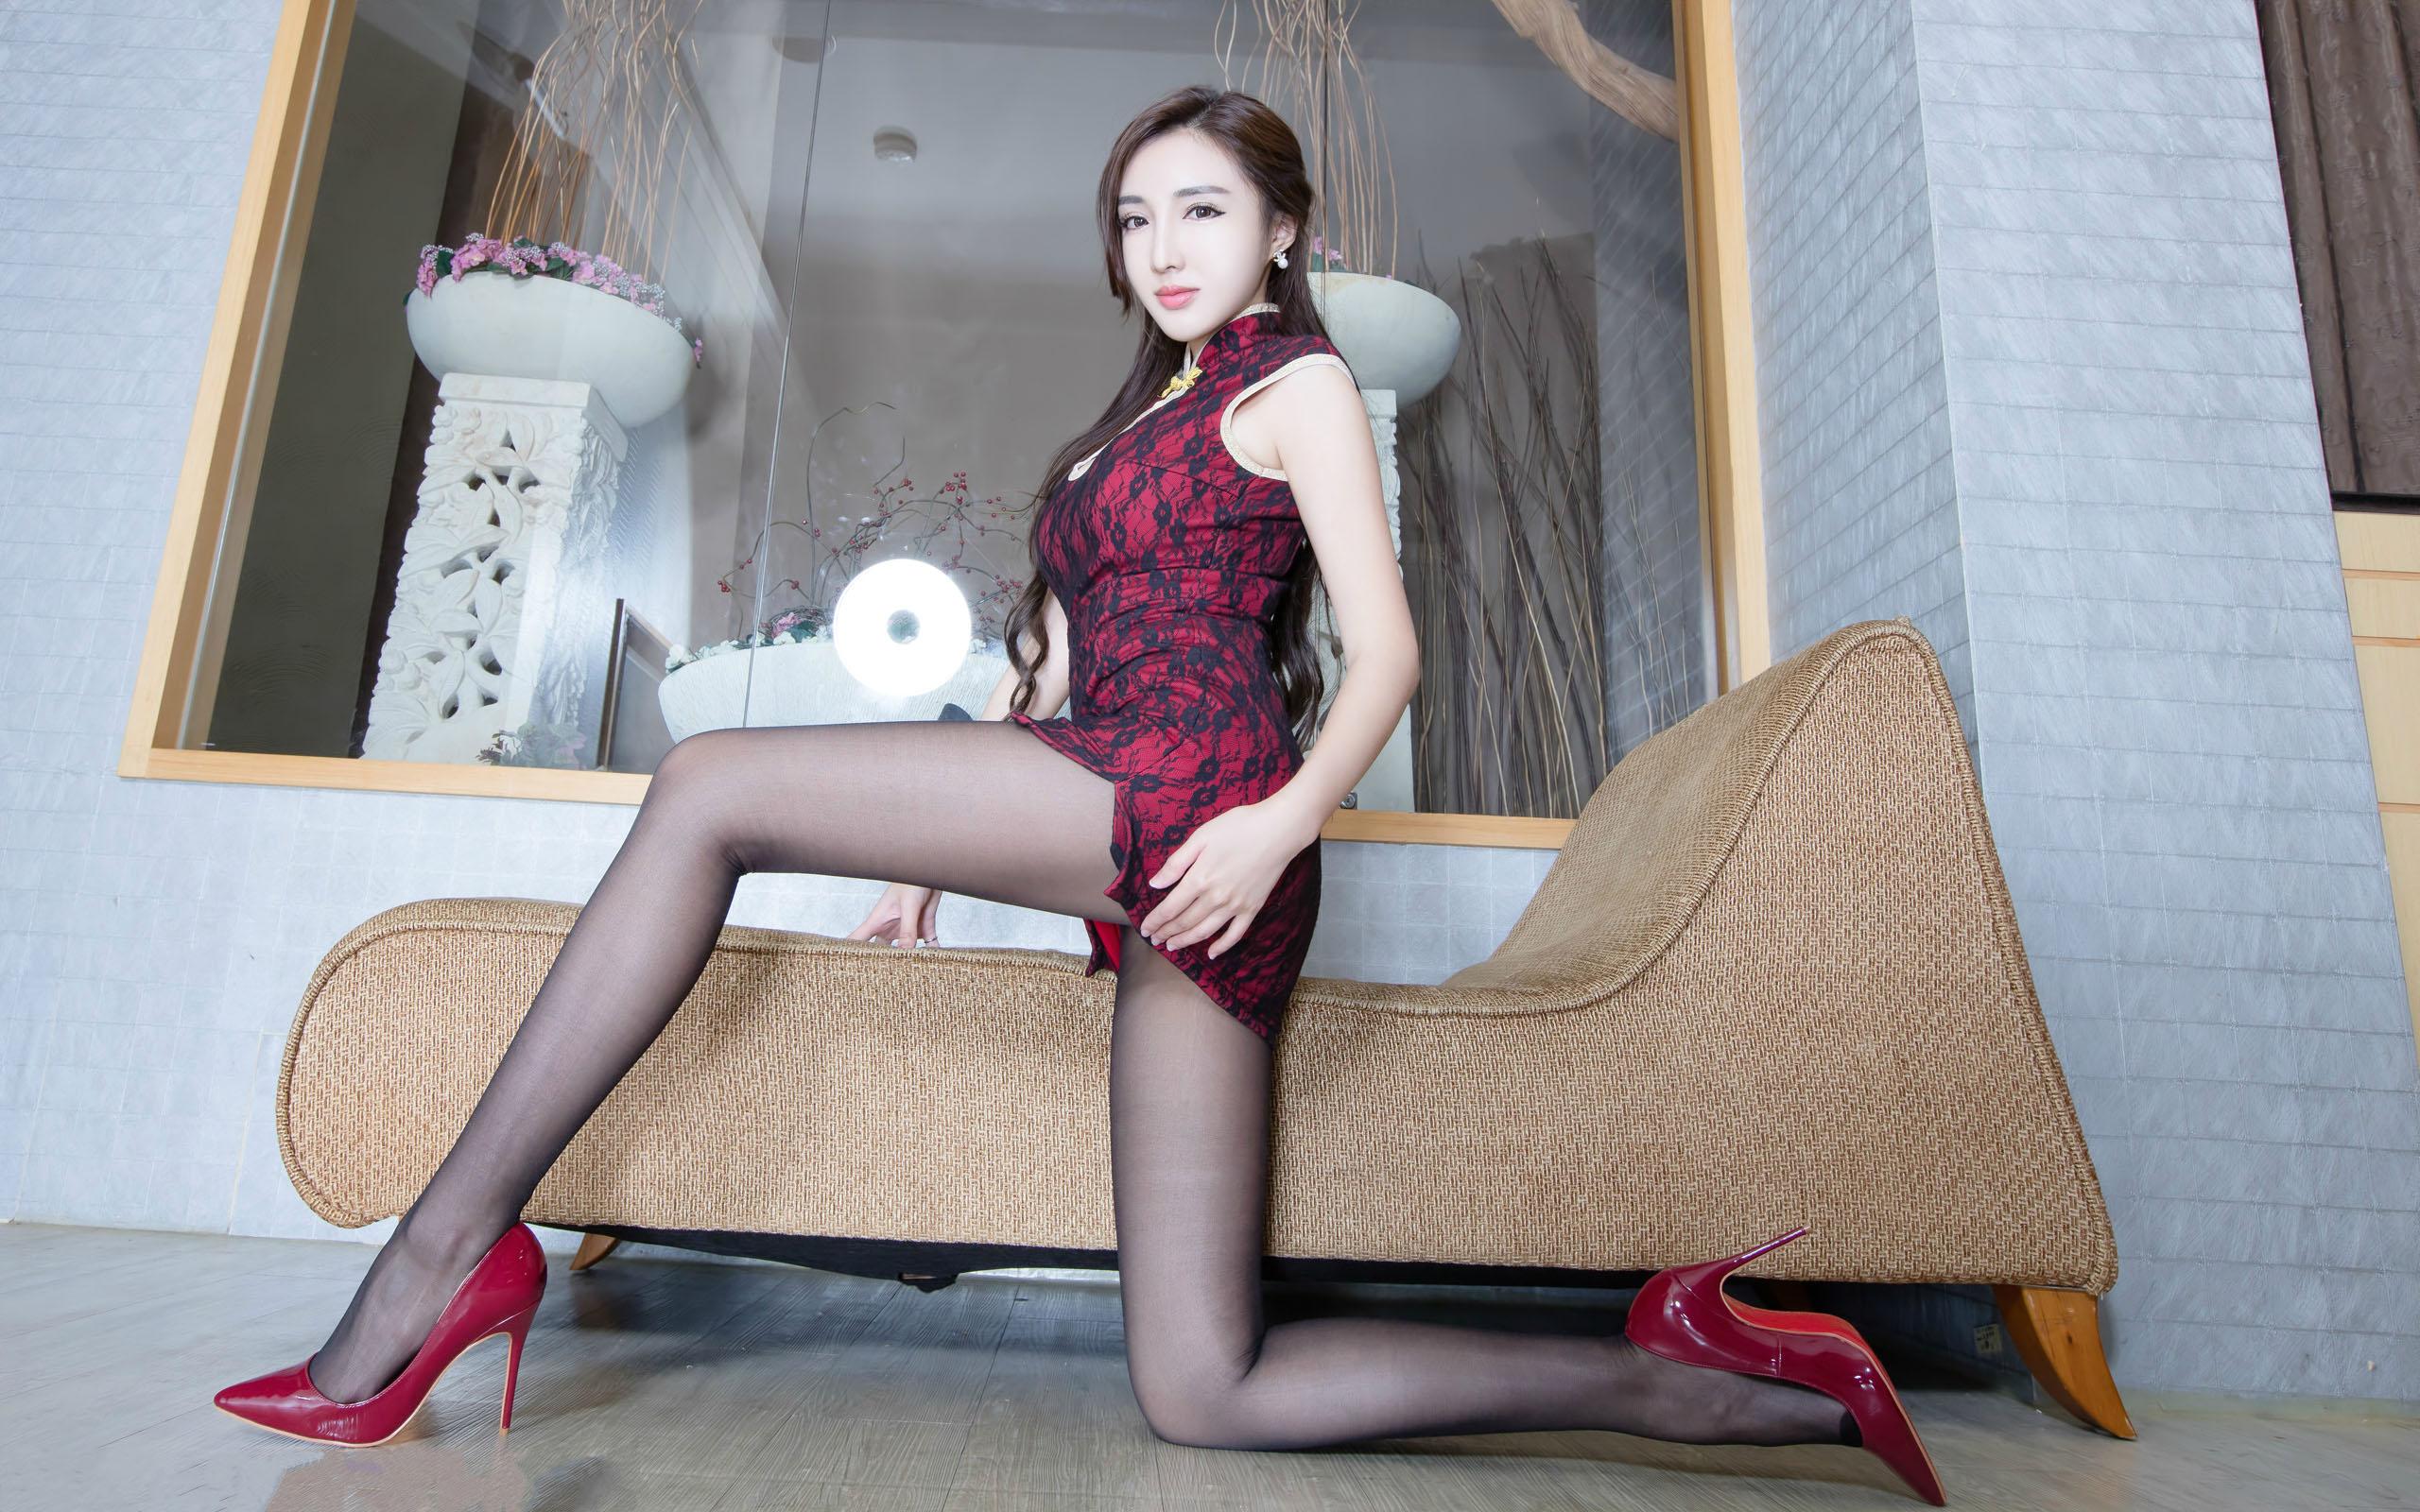 臺灣美腿美女Syuan1 - 花開有聲 - 花開有聲